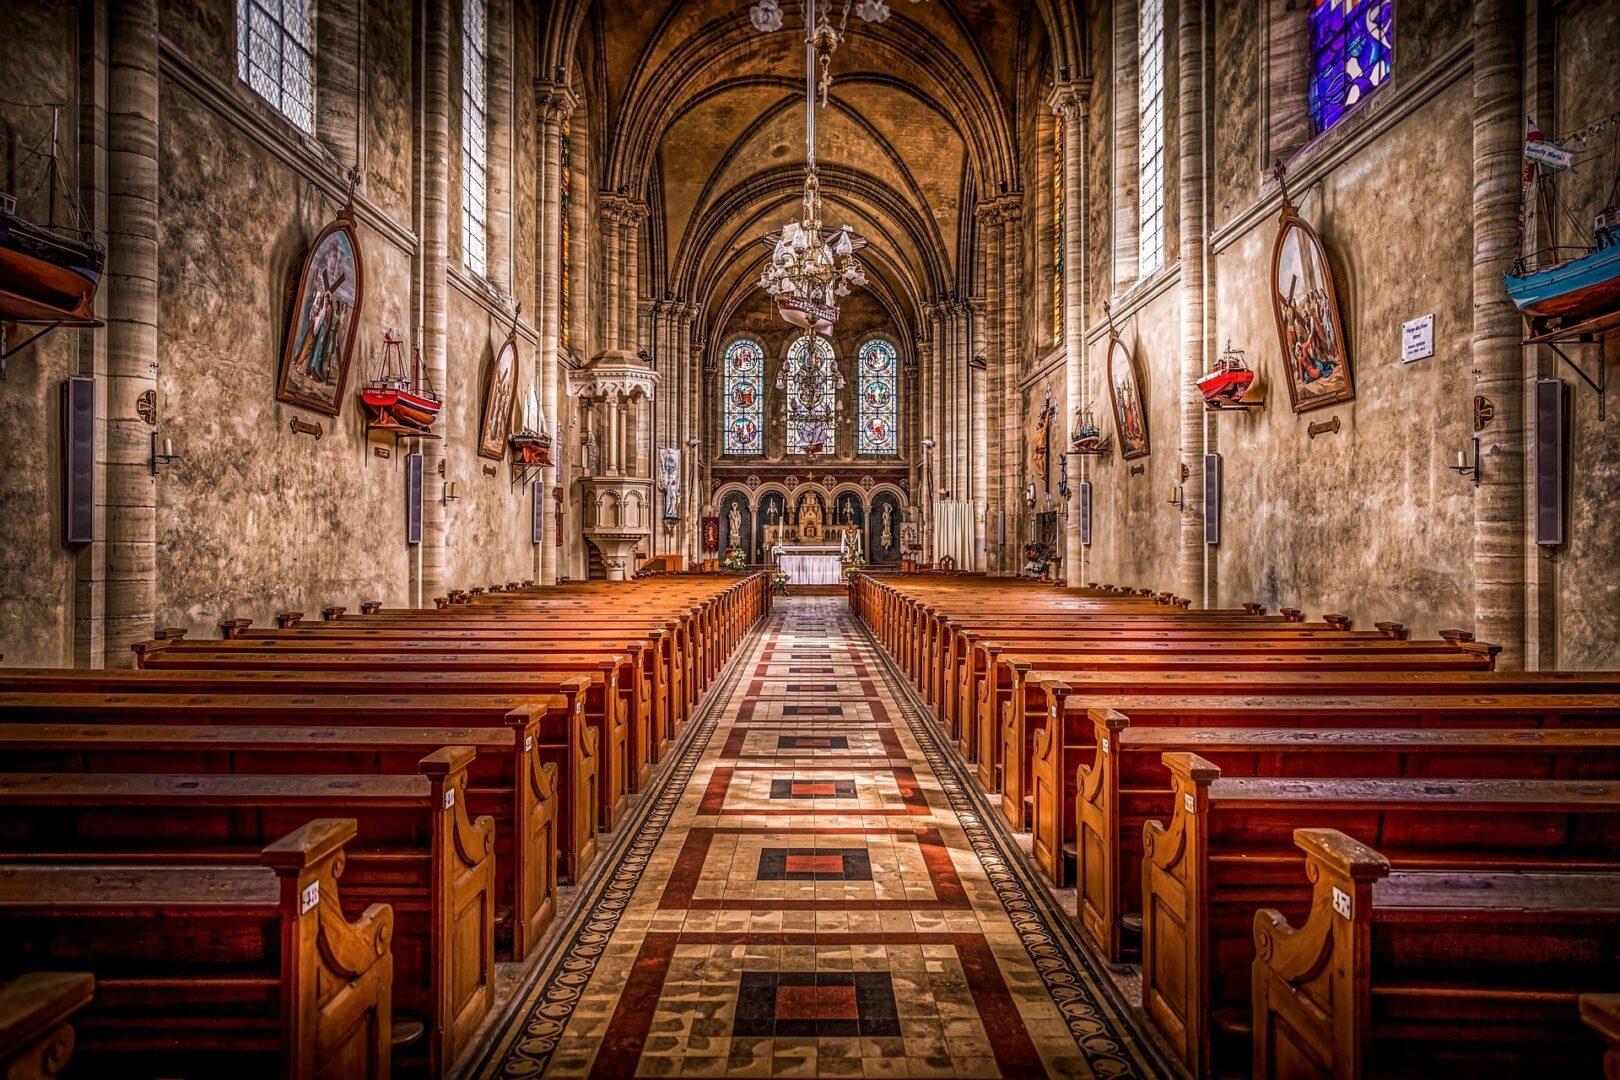 V težki situaciji spletna bogoslužja Gospod dovoli, vendar je ideal Cerkve vedno bogoslužje z ljudstvom in zakramenti.